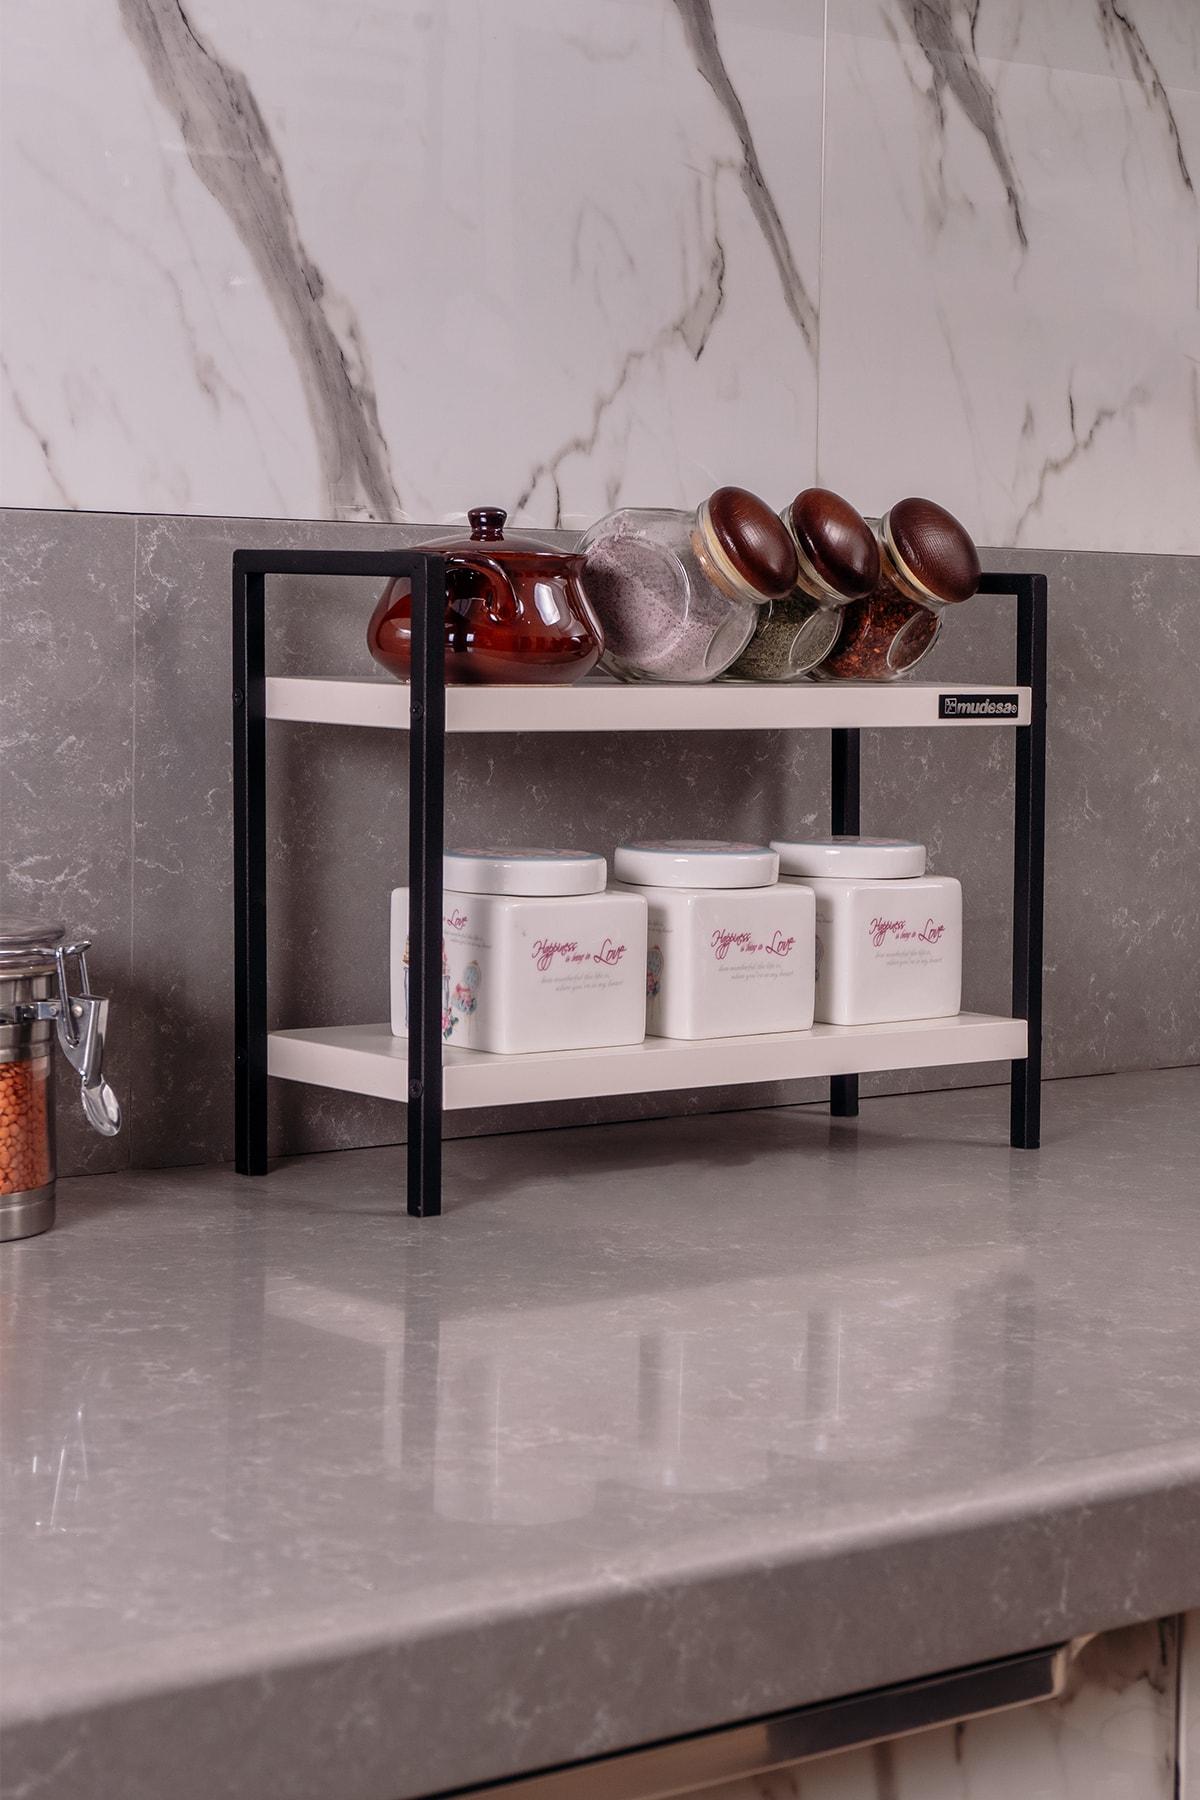 Masaüstü Mutfak-banyo Rafı Tezgah Üstü Düzenleyici Baharatlık Raf Metal-ahşap Masa Üstü Servis Rafı